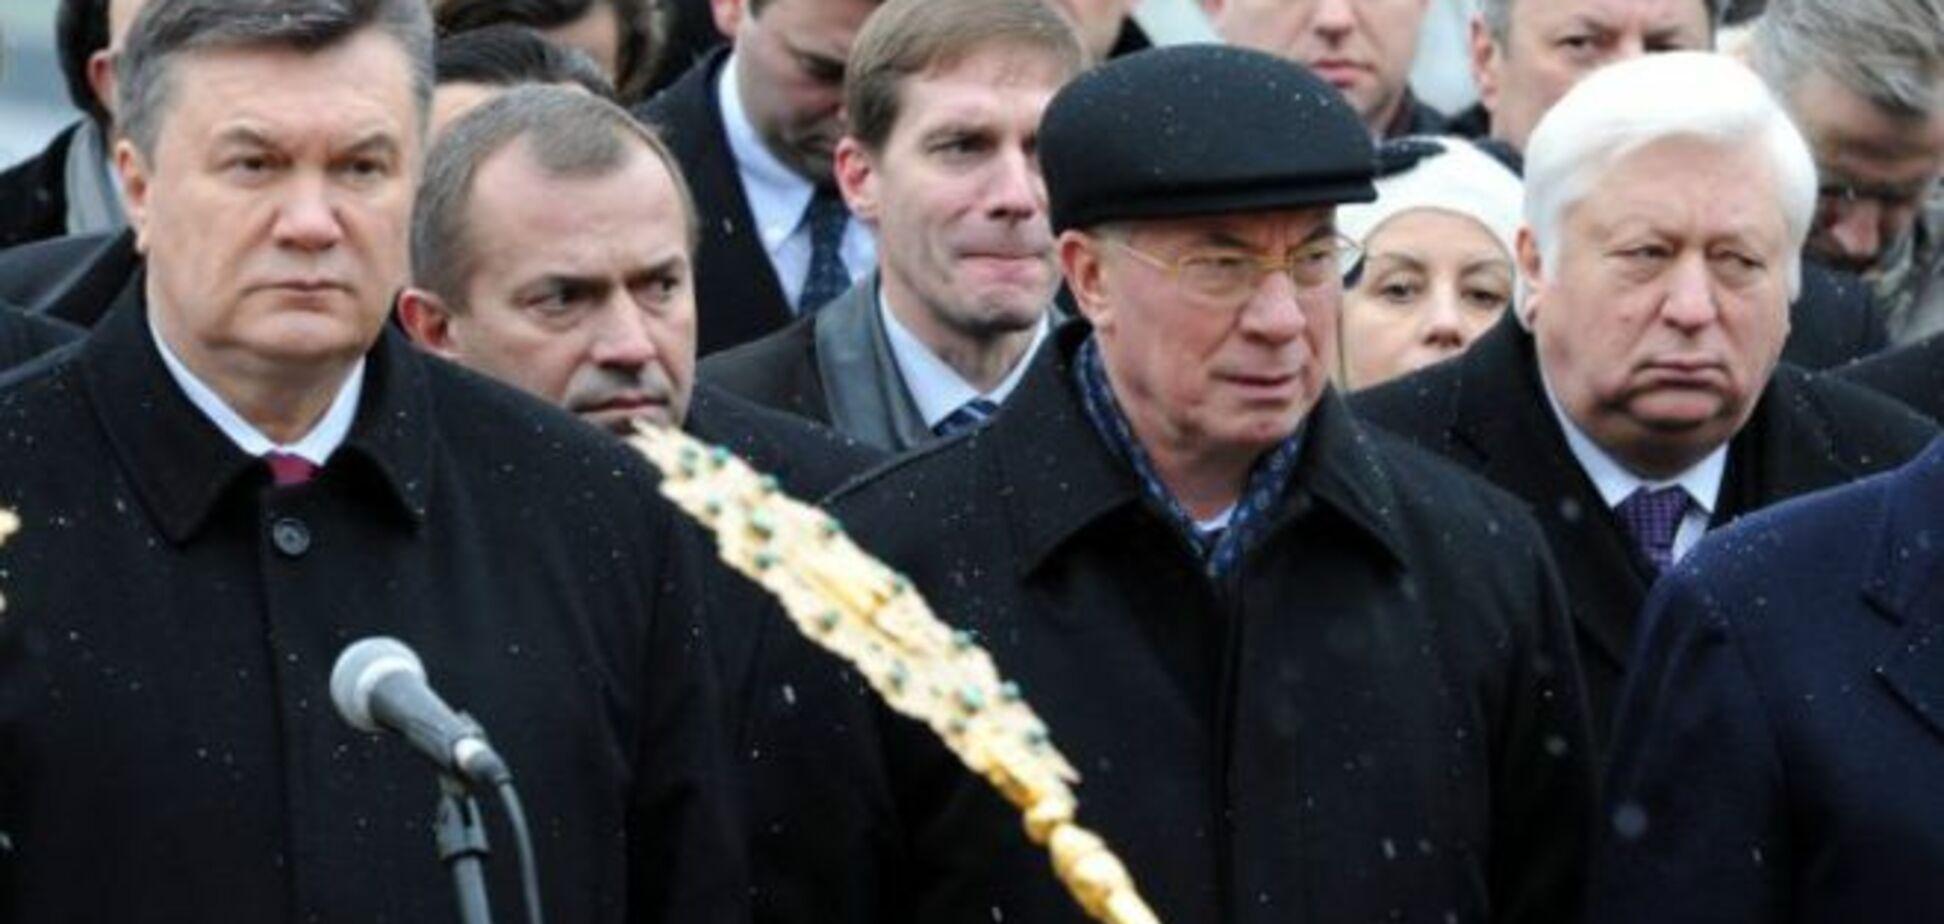 Вивели $40 млрд: розслідування показало, як Янукович і Ко привласнювали гроші